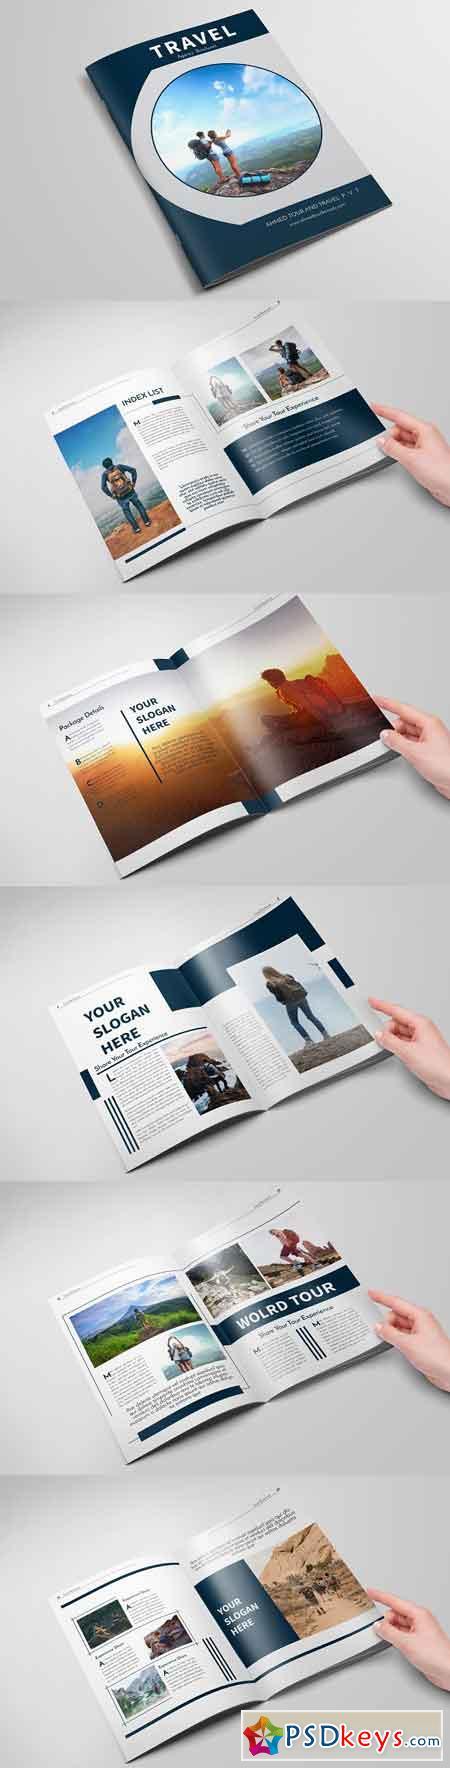 Travel Brochures 3156357